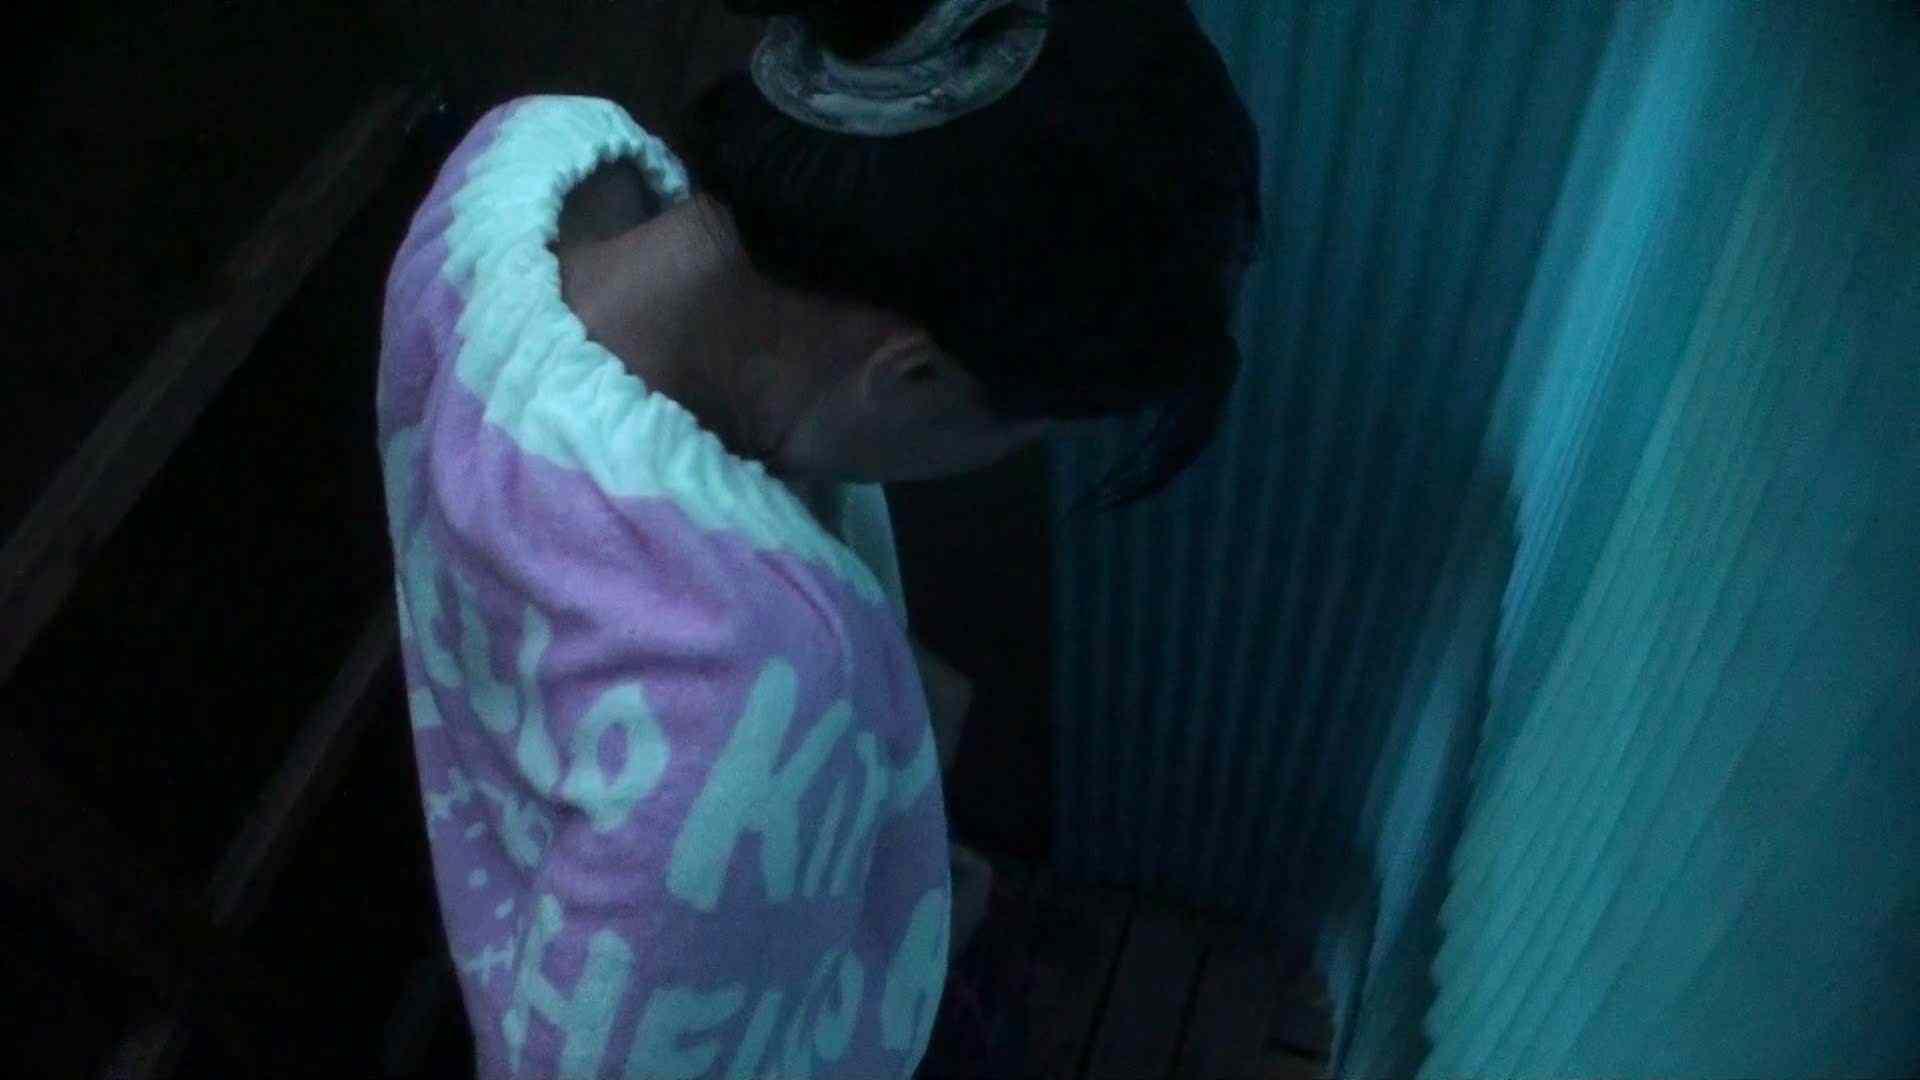 シャワールームは超!!危険な香りVol.26 大学生風美形ギャル 暗さが残念! 高画質   ギャル  103PIX 45